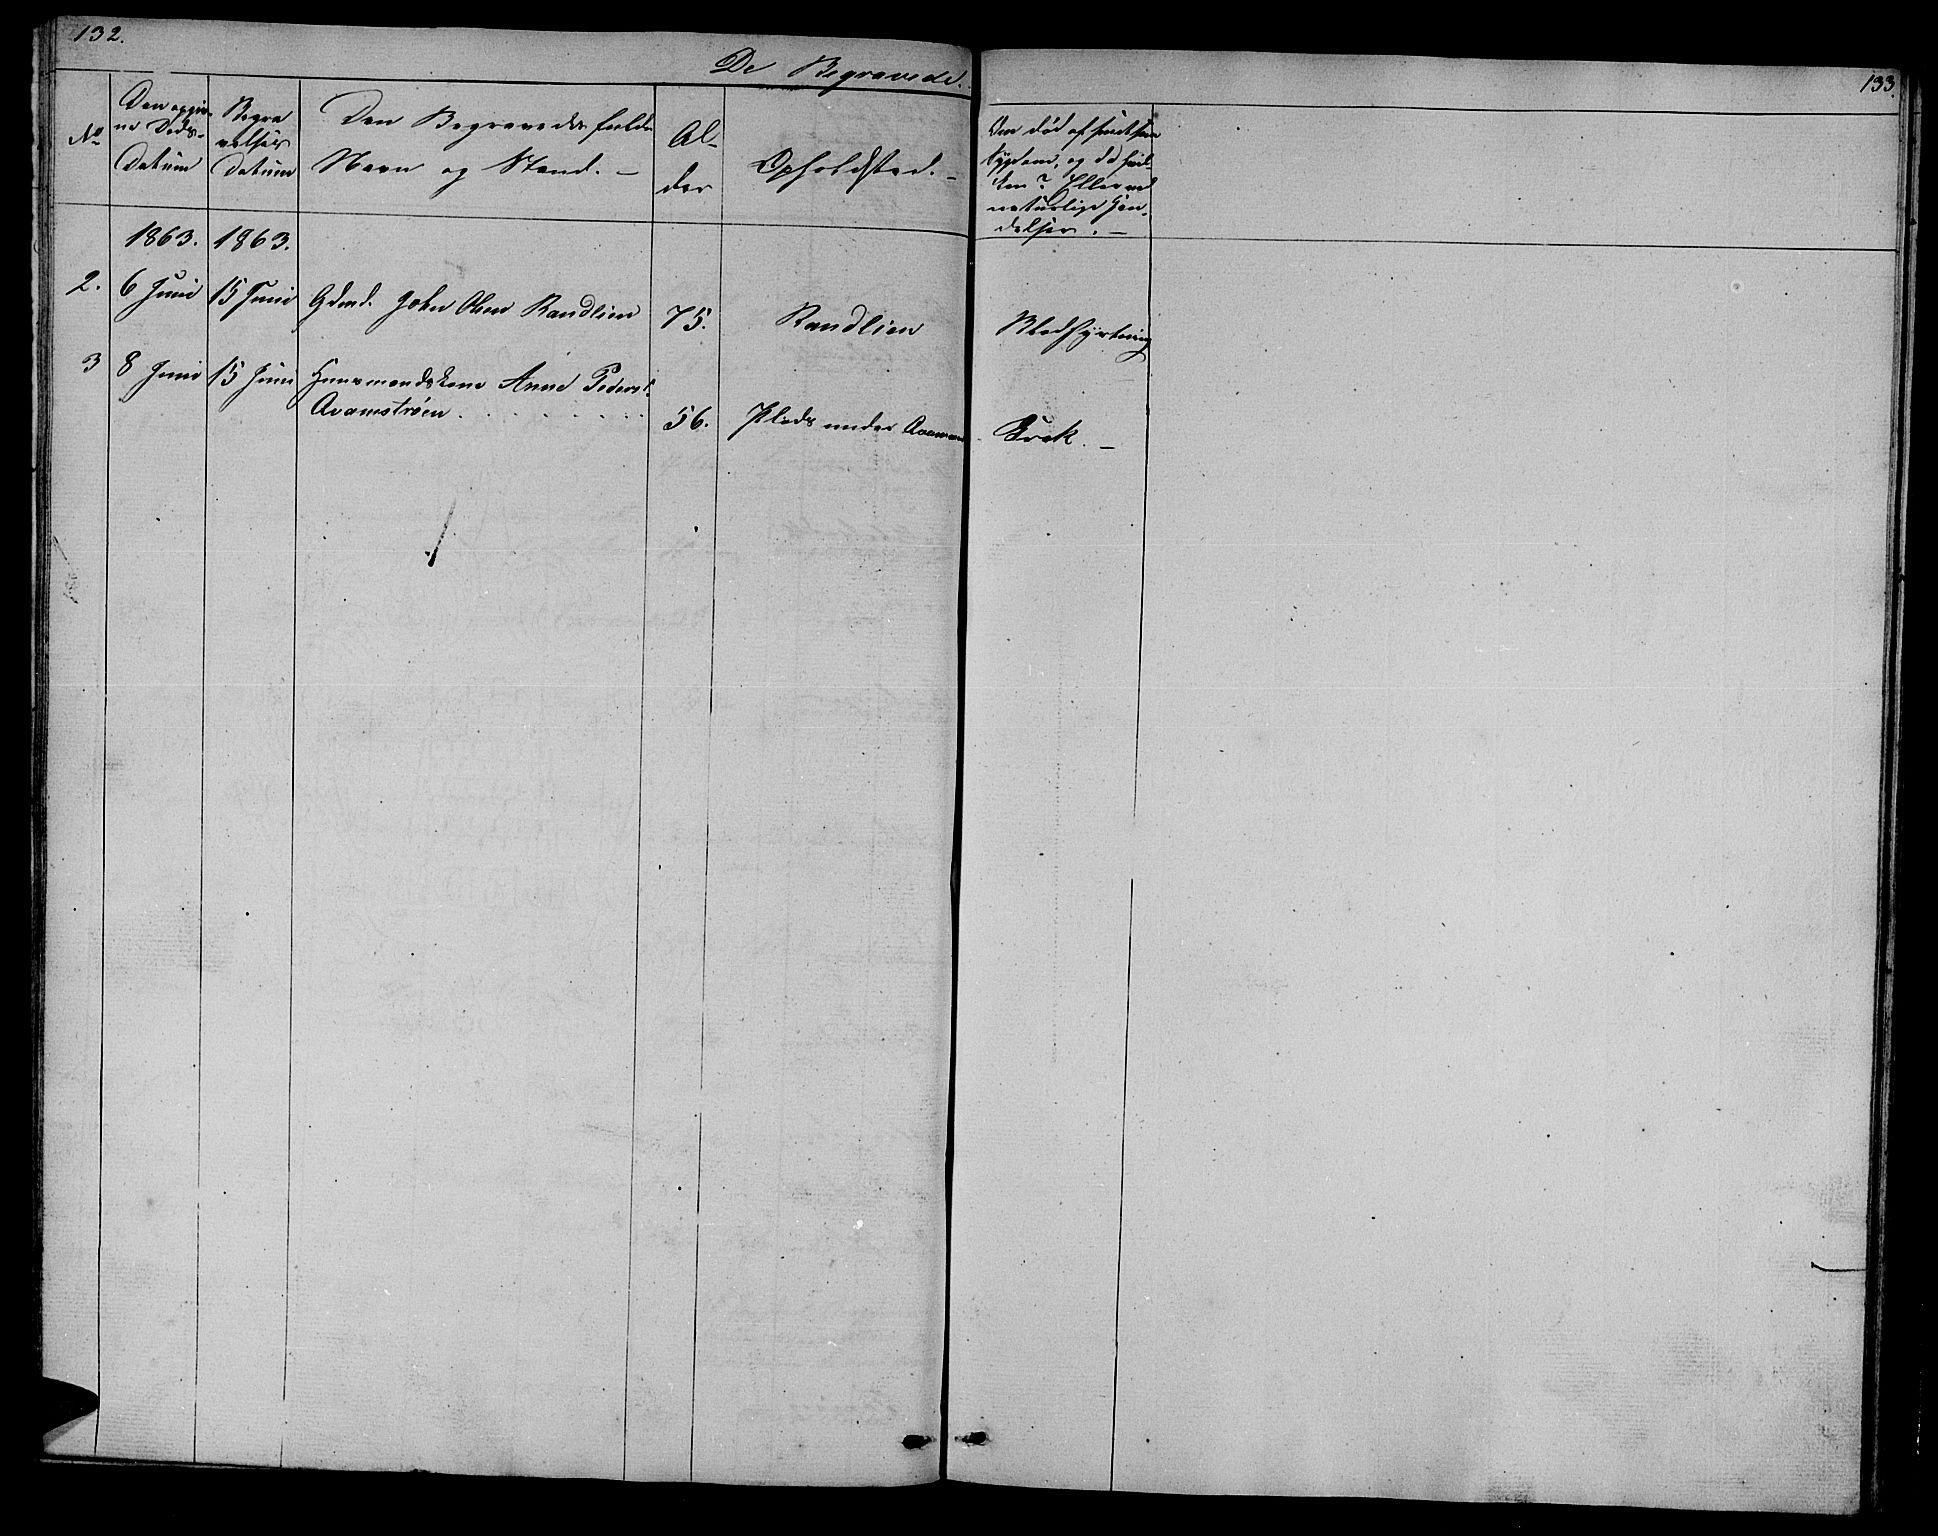 SAT, Ministerialprotokoller, klokkerbøker og fødselsregistre - Sør-Trøndelag, 608/L0339: Klokkerbok nr. 608C05, 1844-1863, s. 132-133